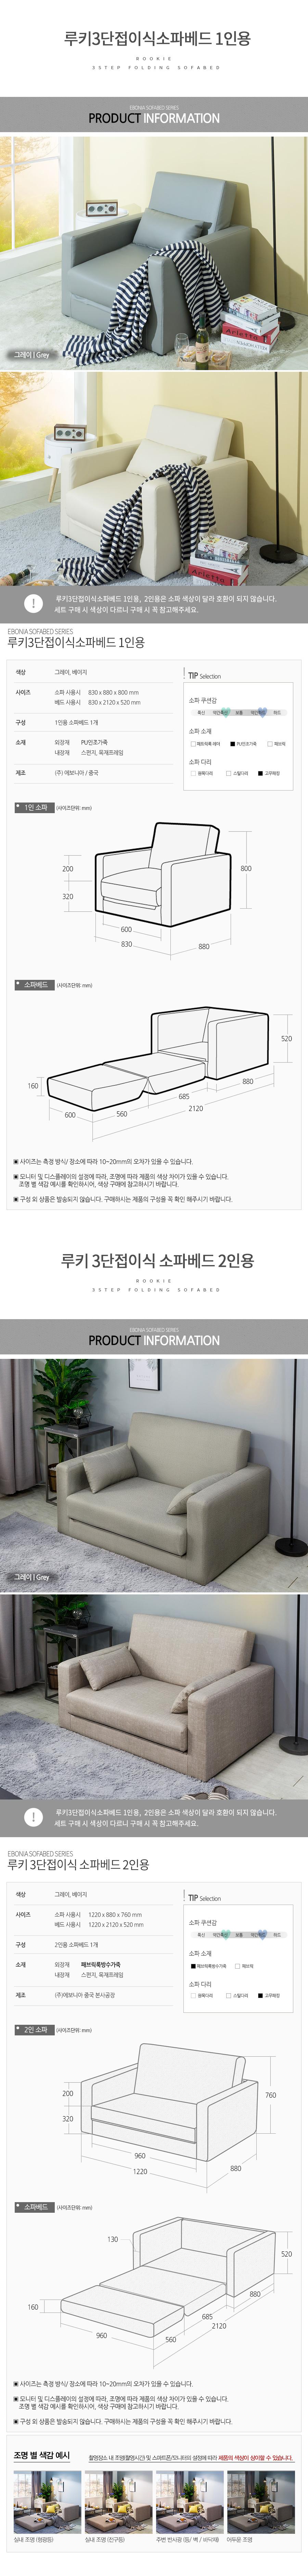 info_rookie_op.jpg